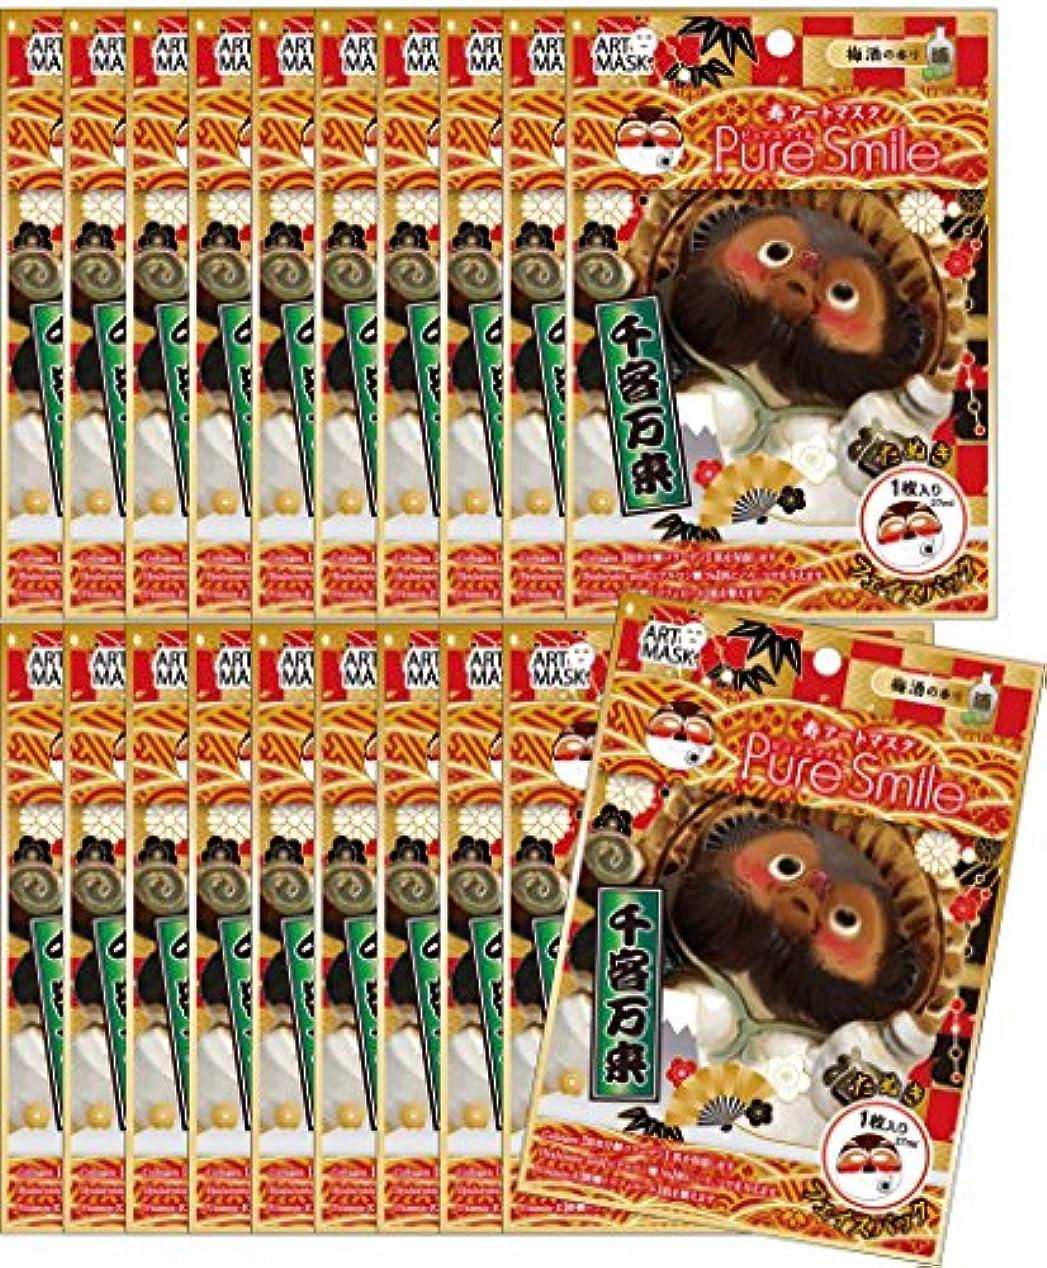 ライブ使用法役員【ピュアスマイル】『迎春寿アートマスク』(たぬき/梅酒の香り)20枚セット